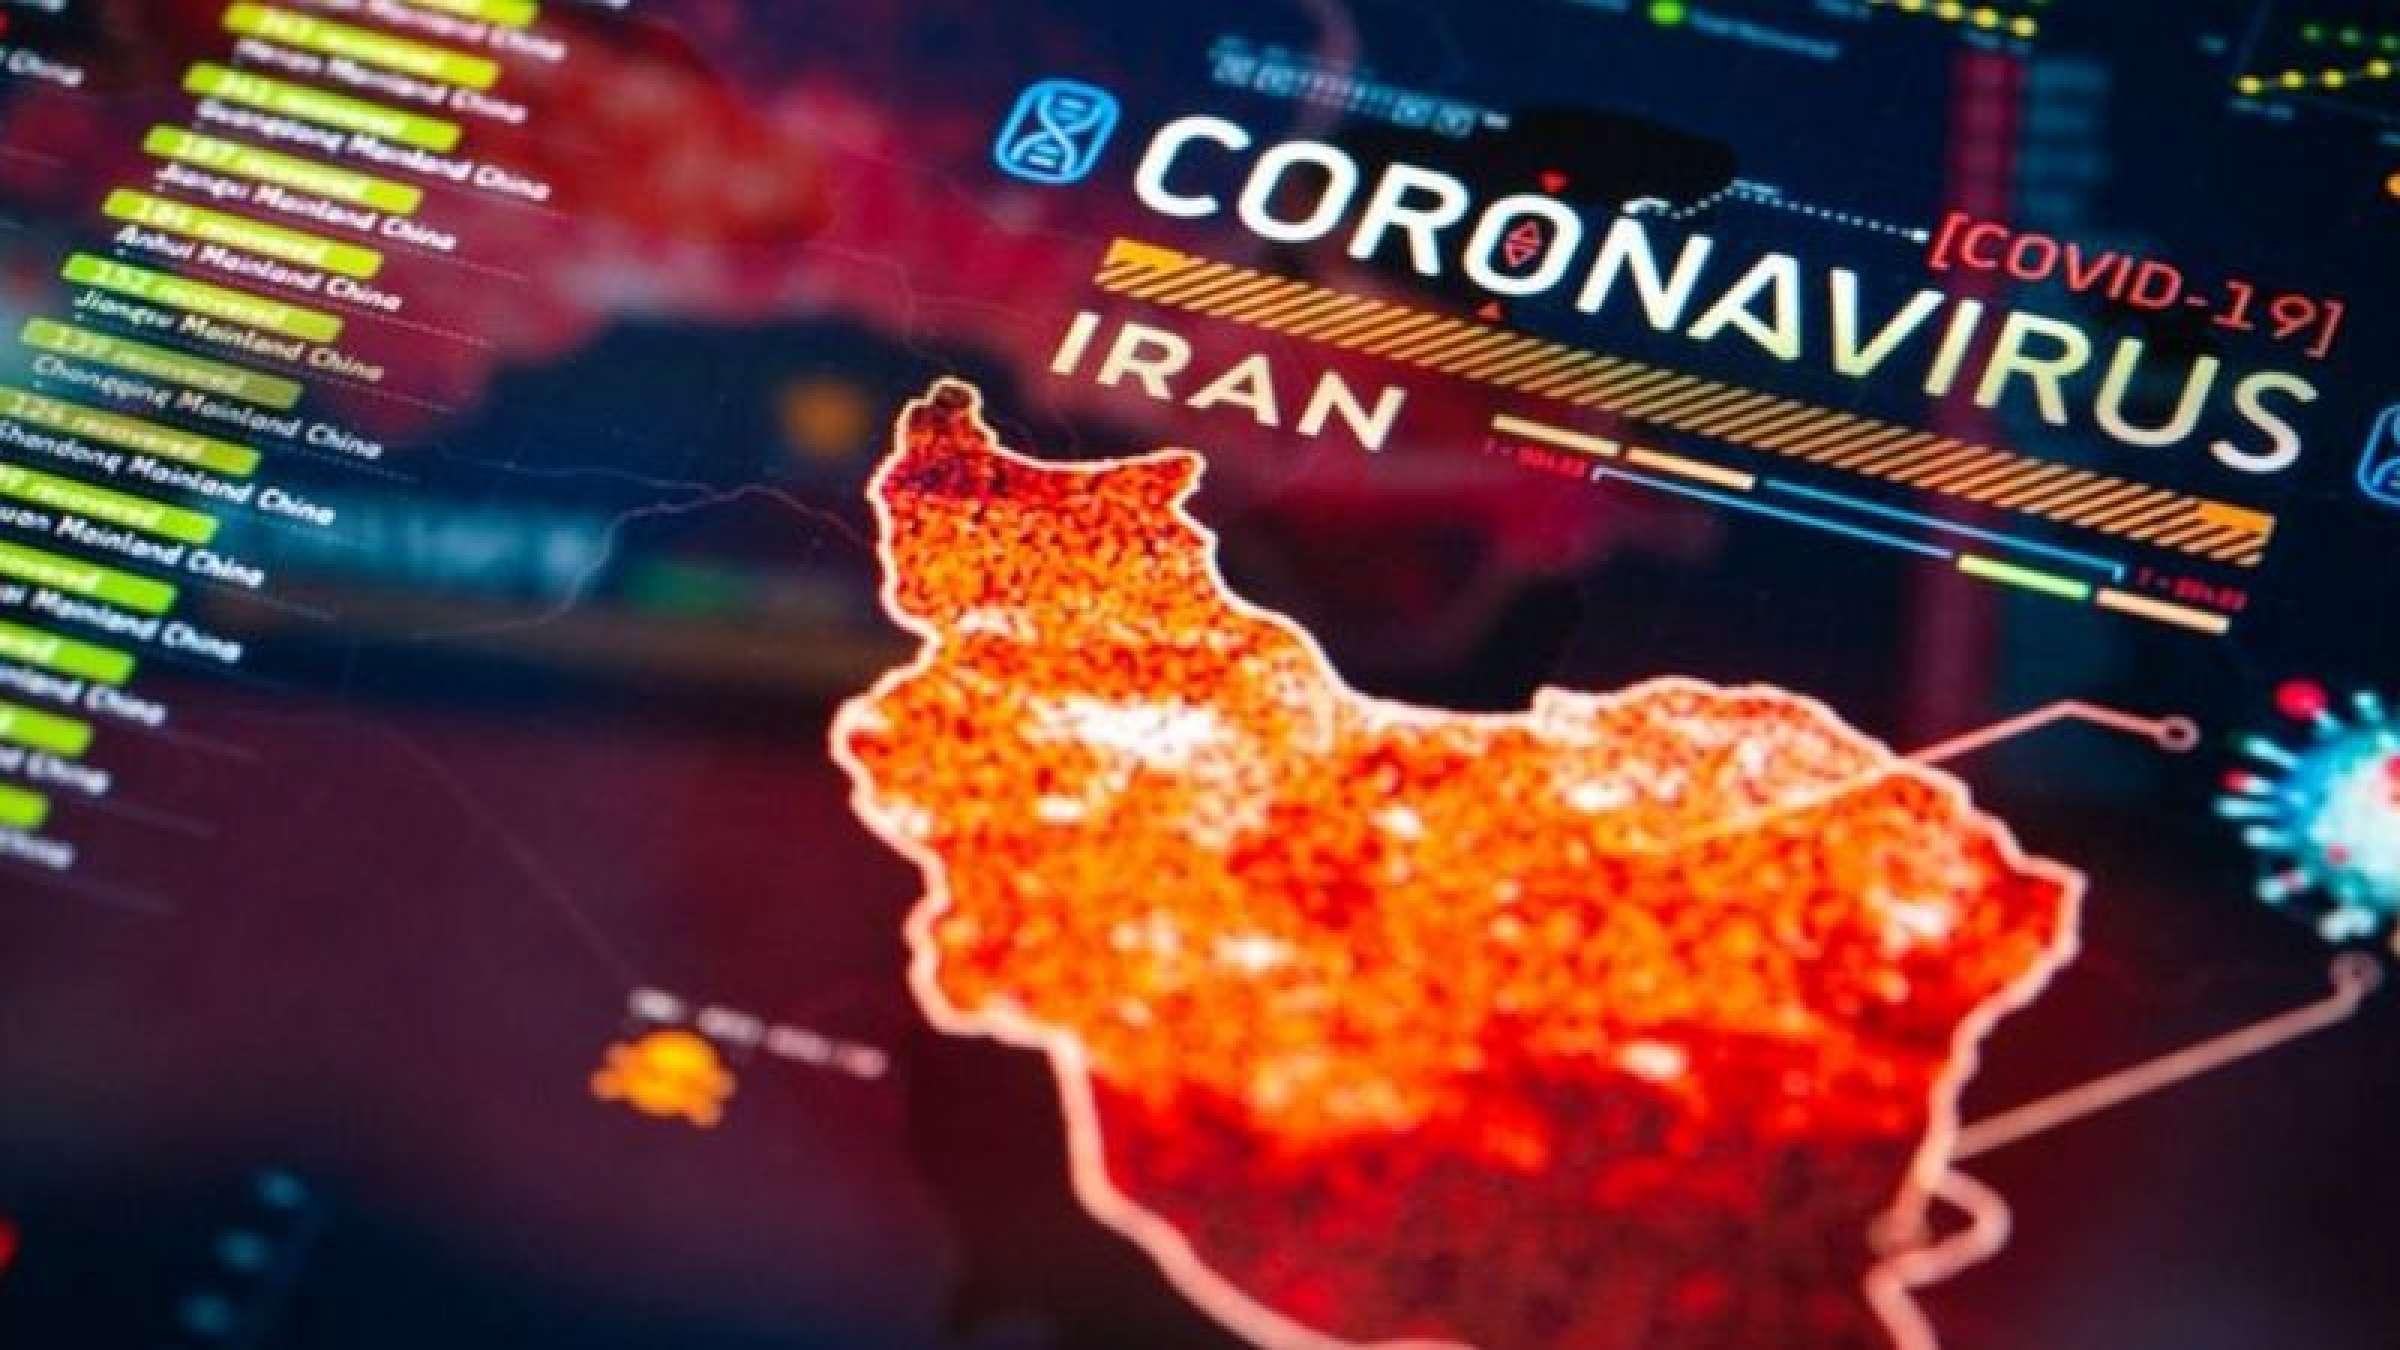 کرونا-گیت-در-جمهوری-اسلامی-مرگ-42 -هزار-ایرانی-بر-اثر-کرونا-تا-30 -تیر-ماه- 1399